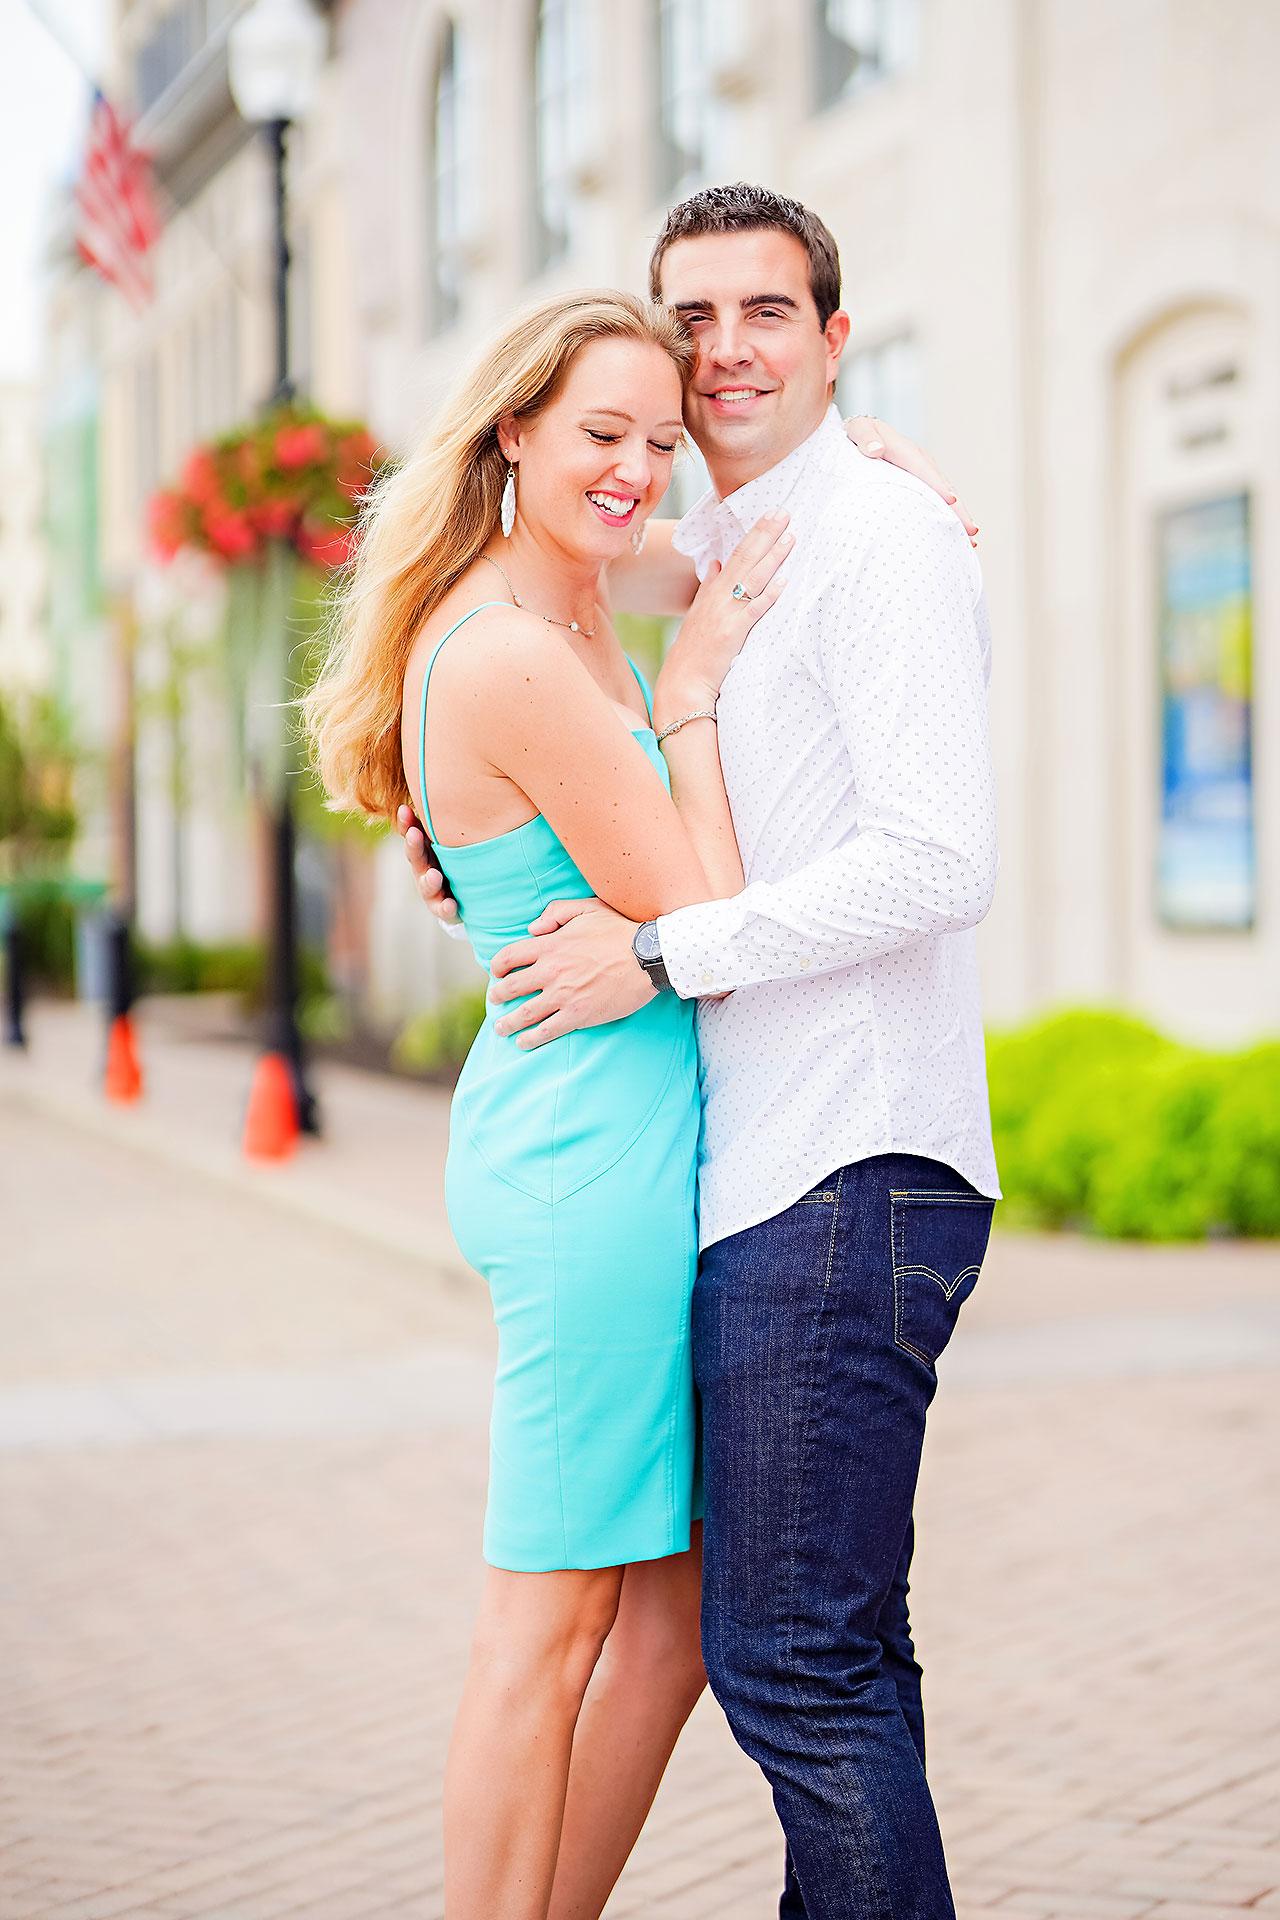 Liz Zach Midtown Carmel Engagement Session 123